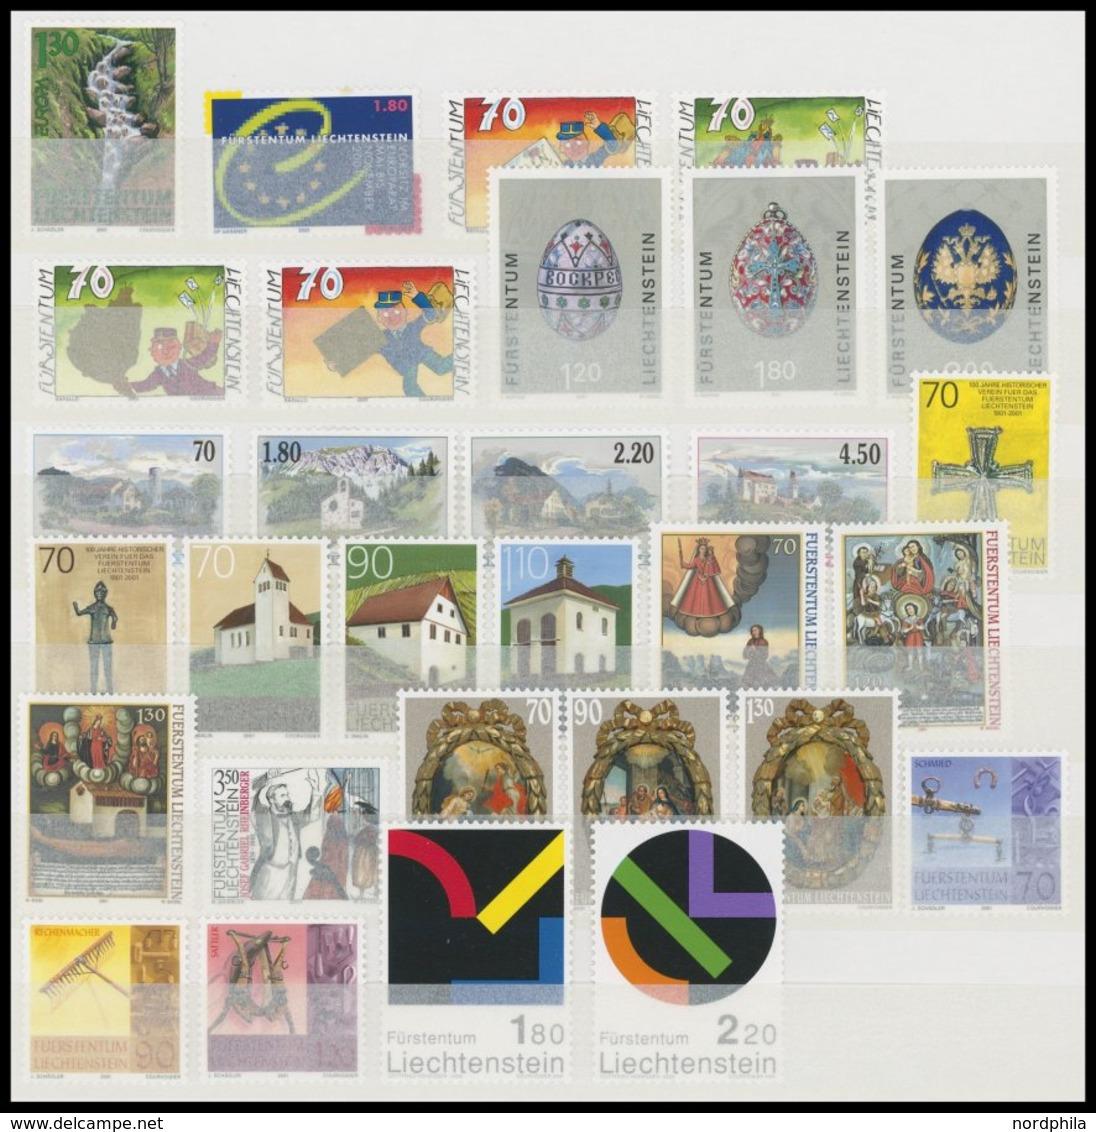 JAHRGÄNGE 1255-82 **, 2001, Kompletter Jahrgang, Postfrisch, Pracht, Mi. 102.90 - Liechtenstein